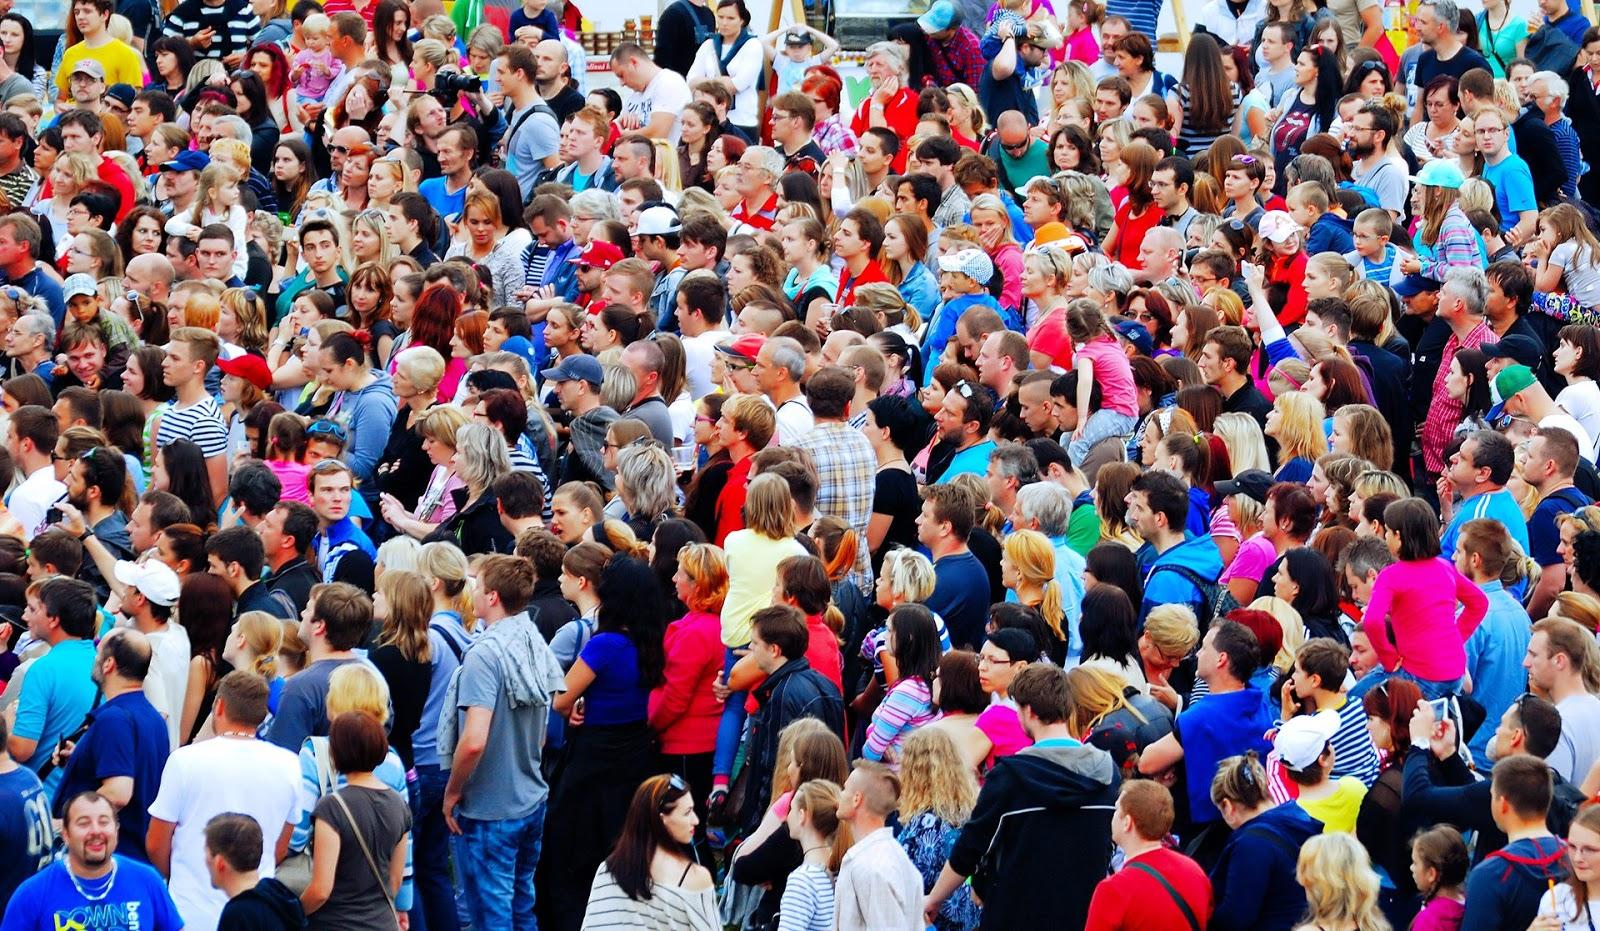 Senza Pagare: O Mito da Superpopulação e a Nova Moralidade